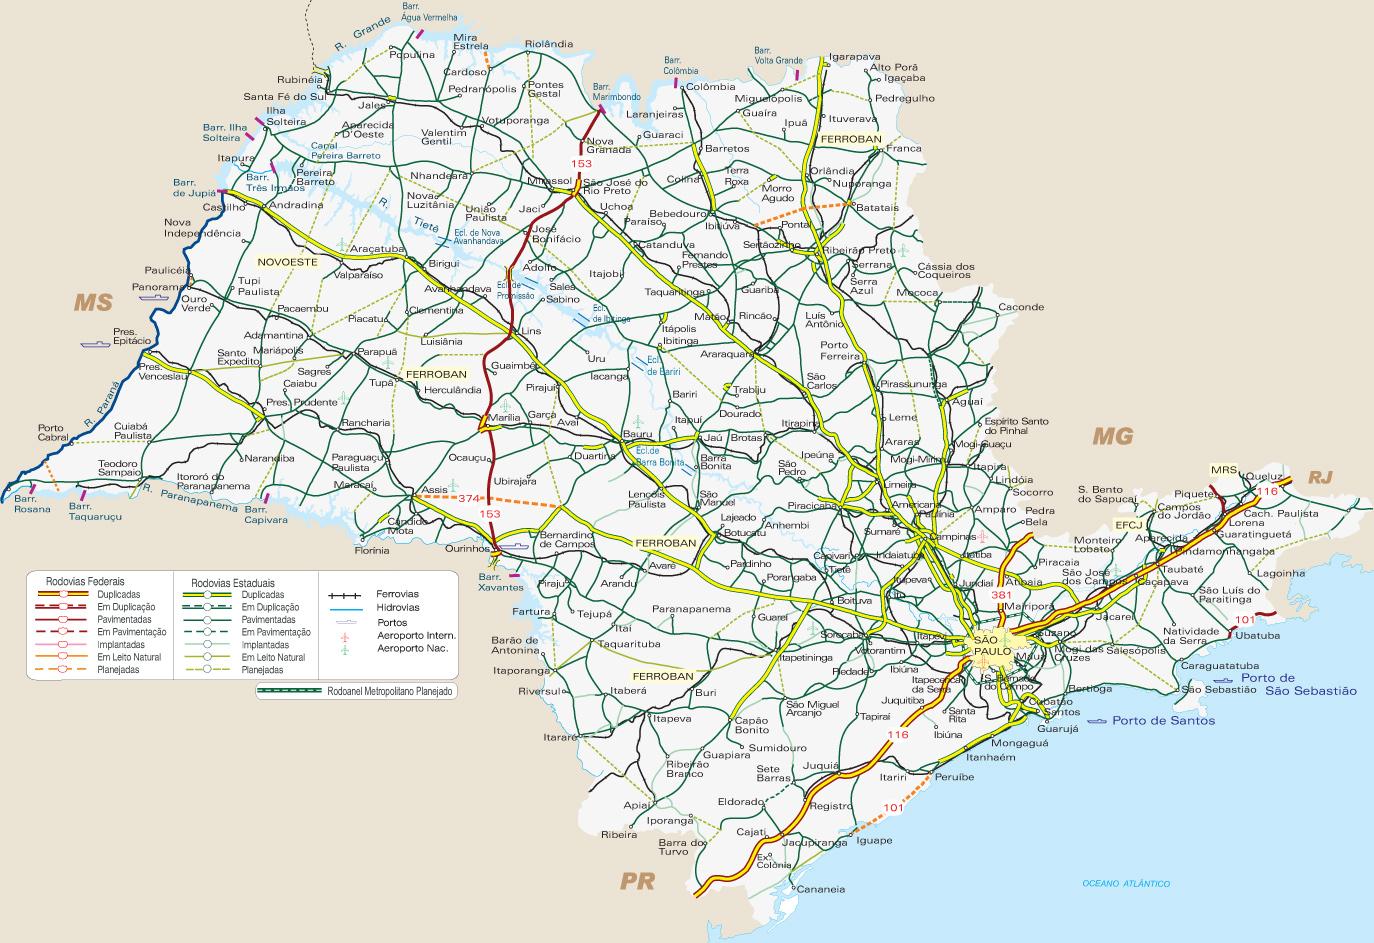 Mapa Rodoviário do Estado de São Paulo